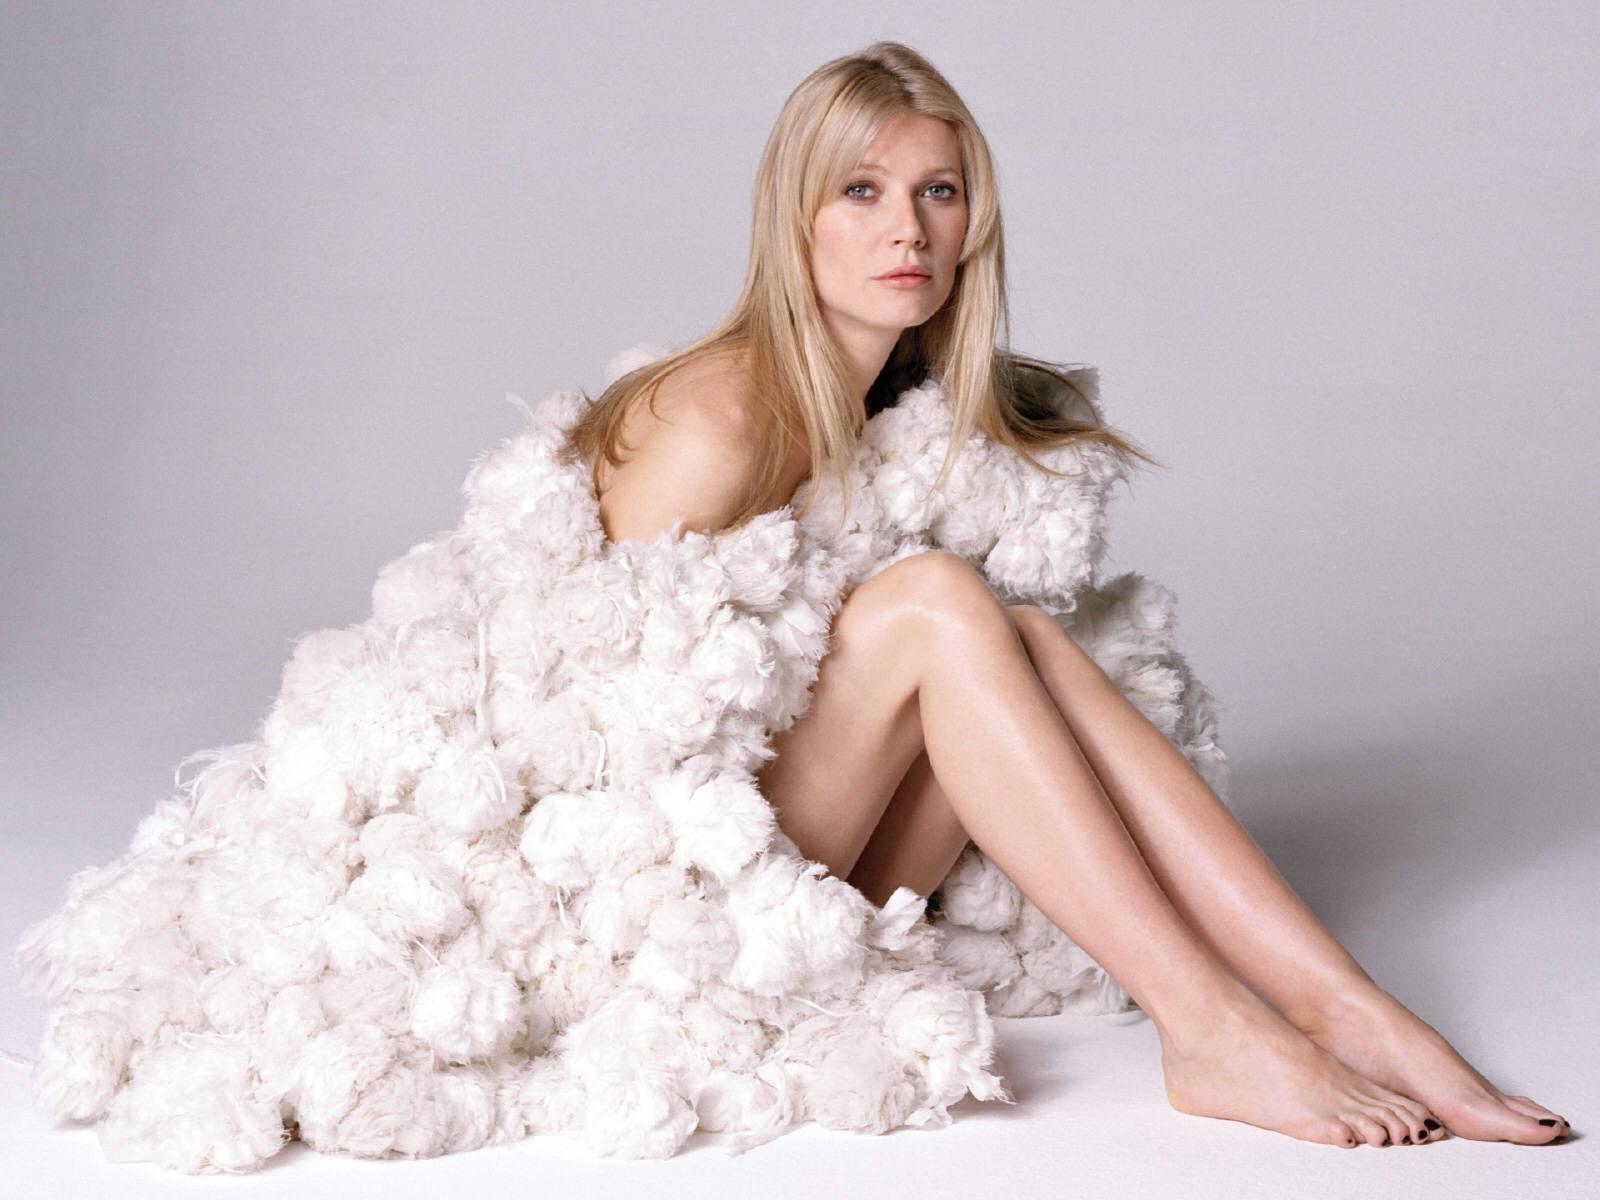 Gwyneth Paltrow Free